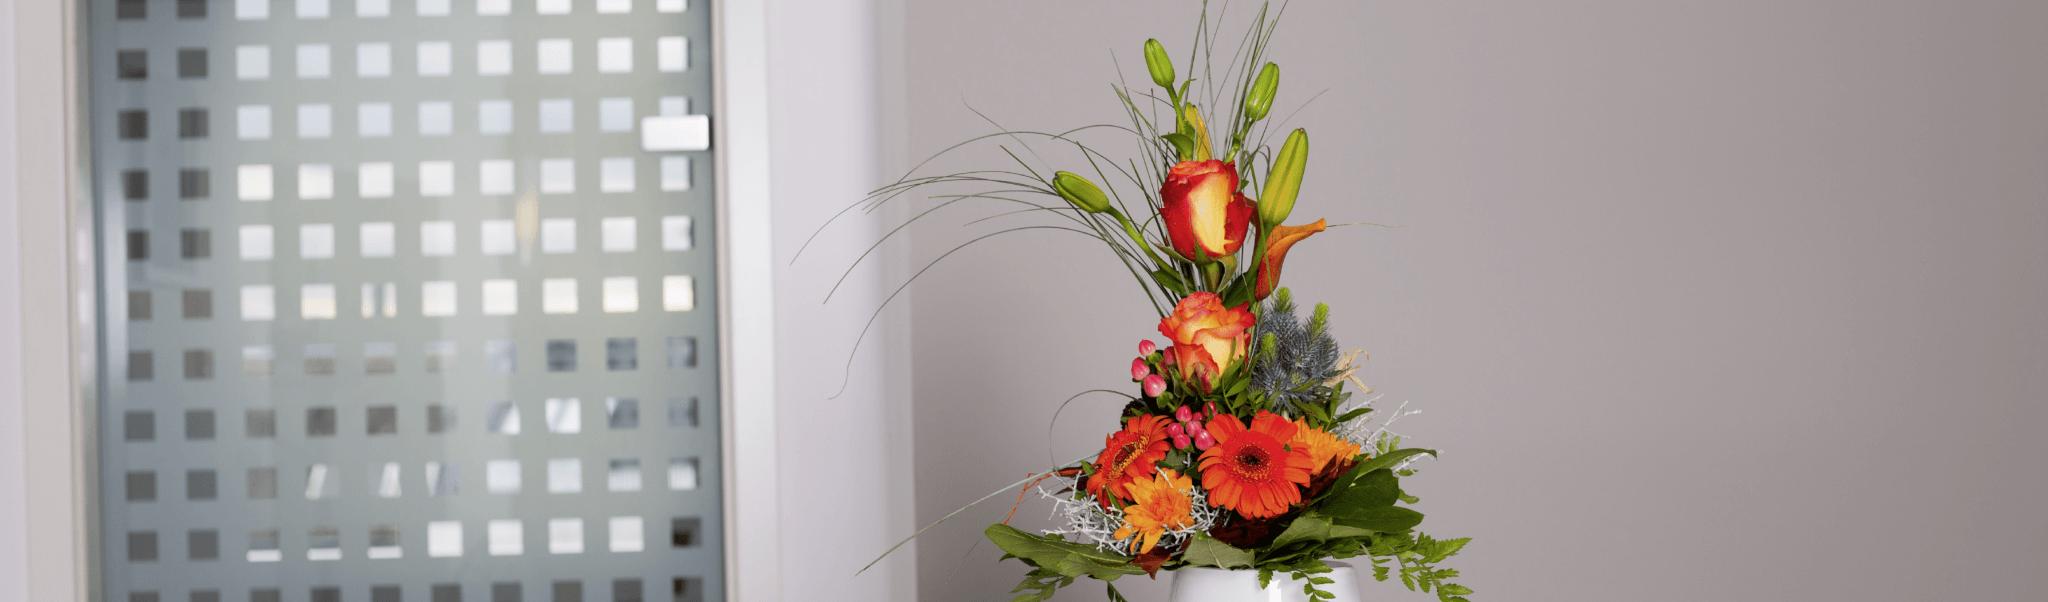 Datenschutz - Blumenstrauss im Eingangsbereich der Zahnarztpraxis